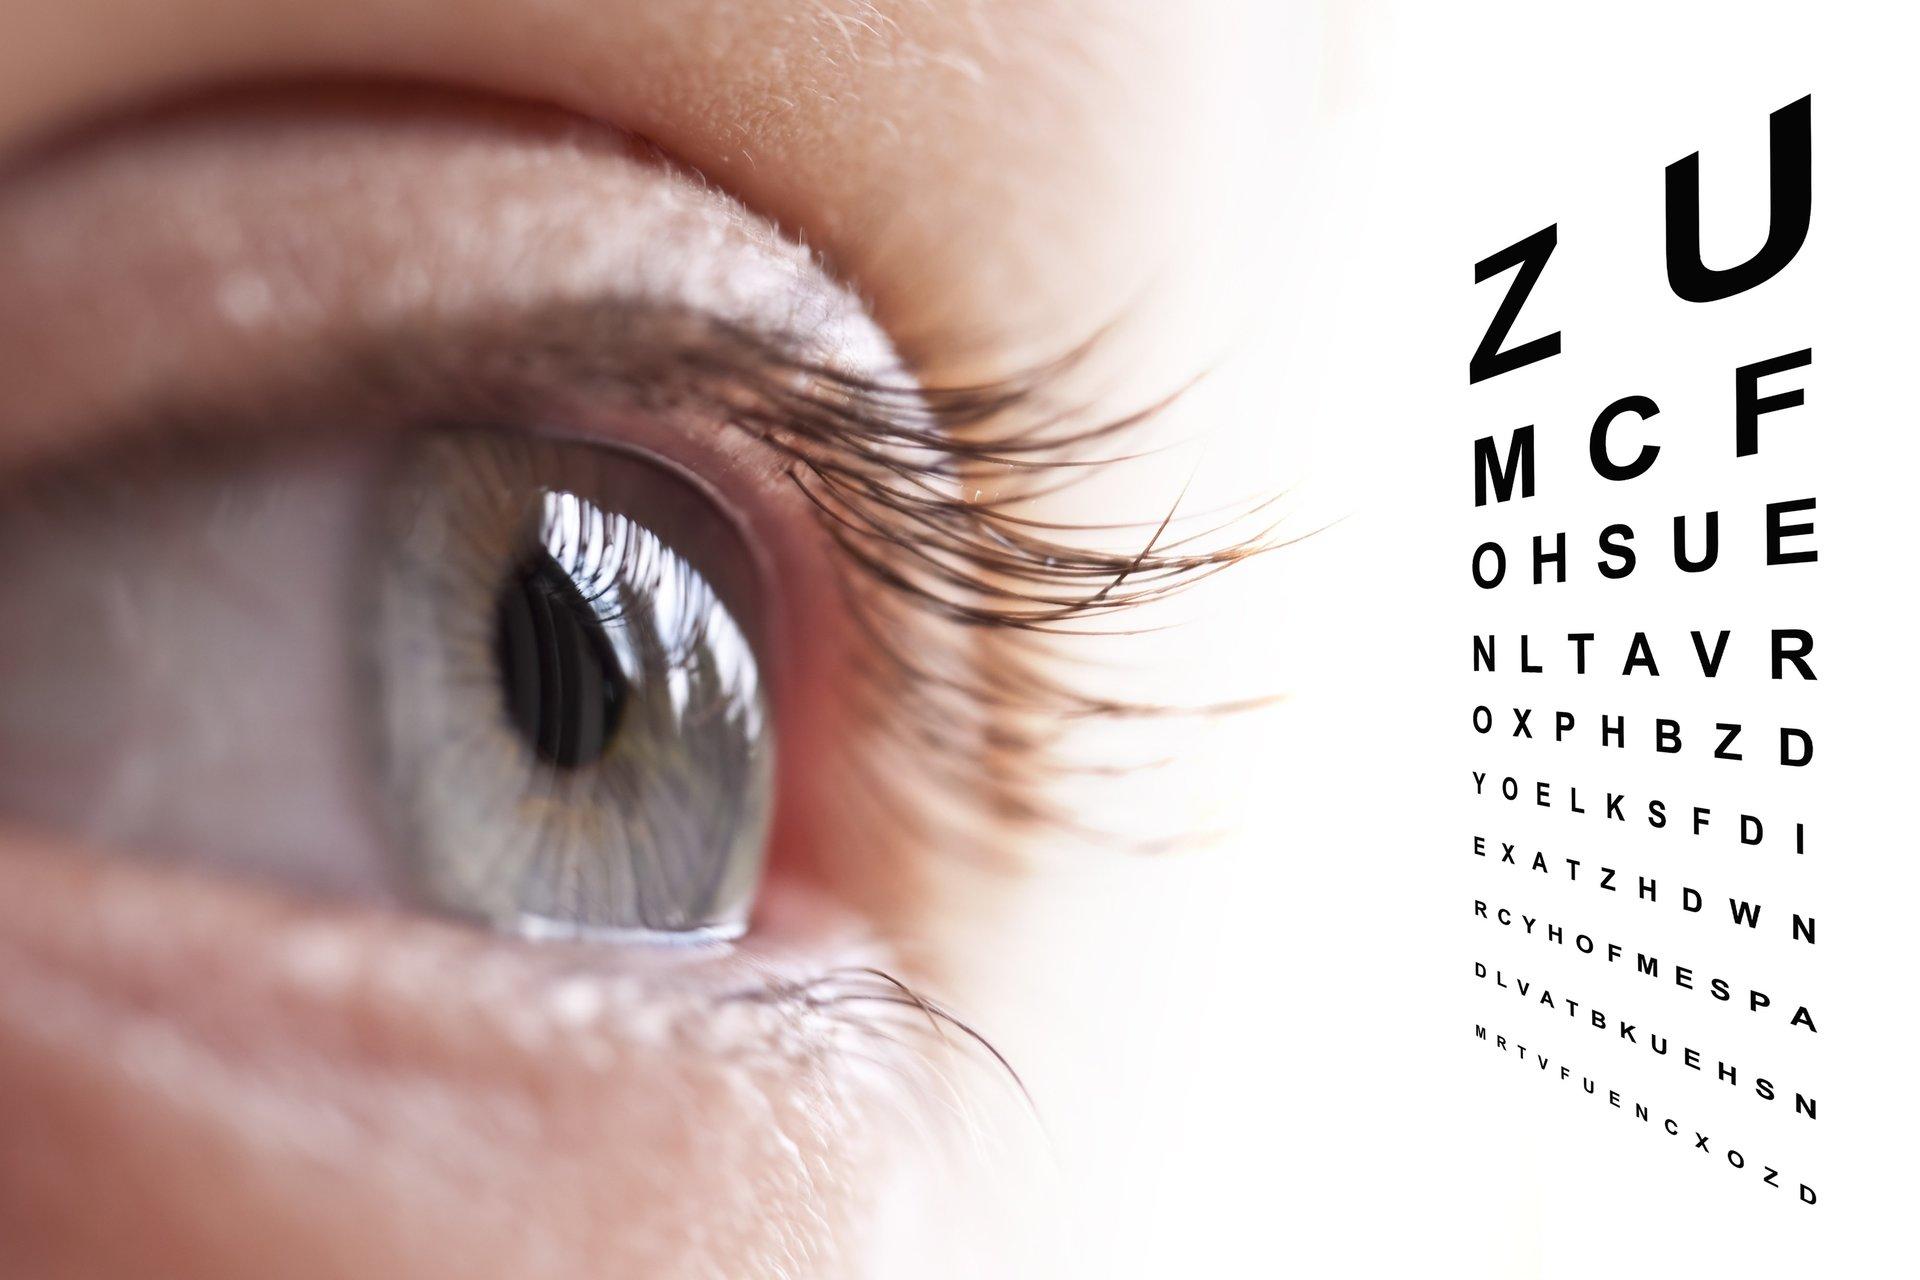 Correzione dei difetti visivi